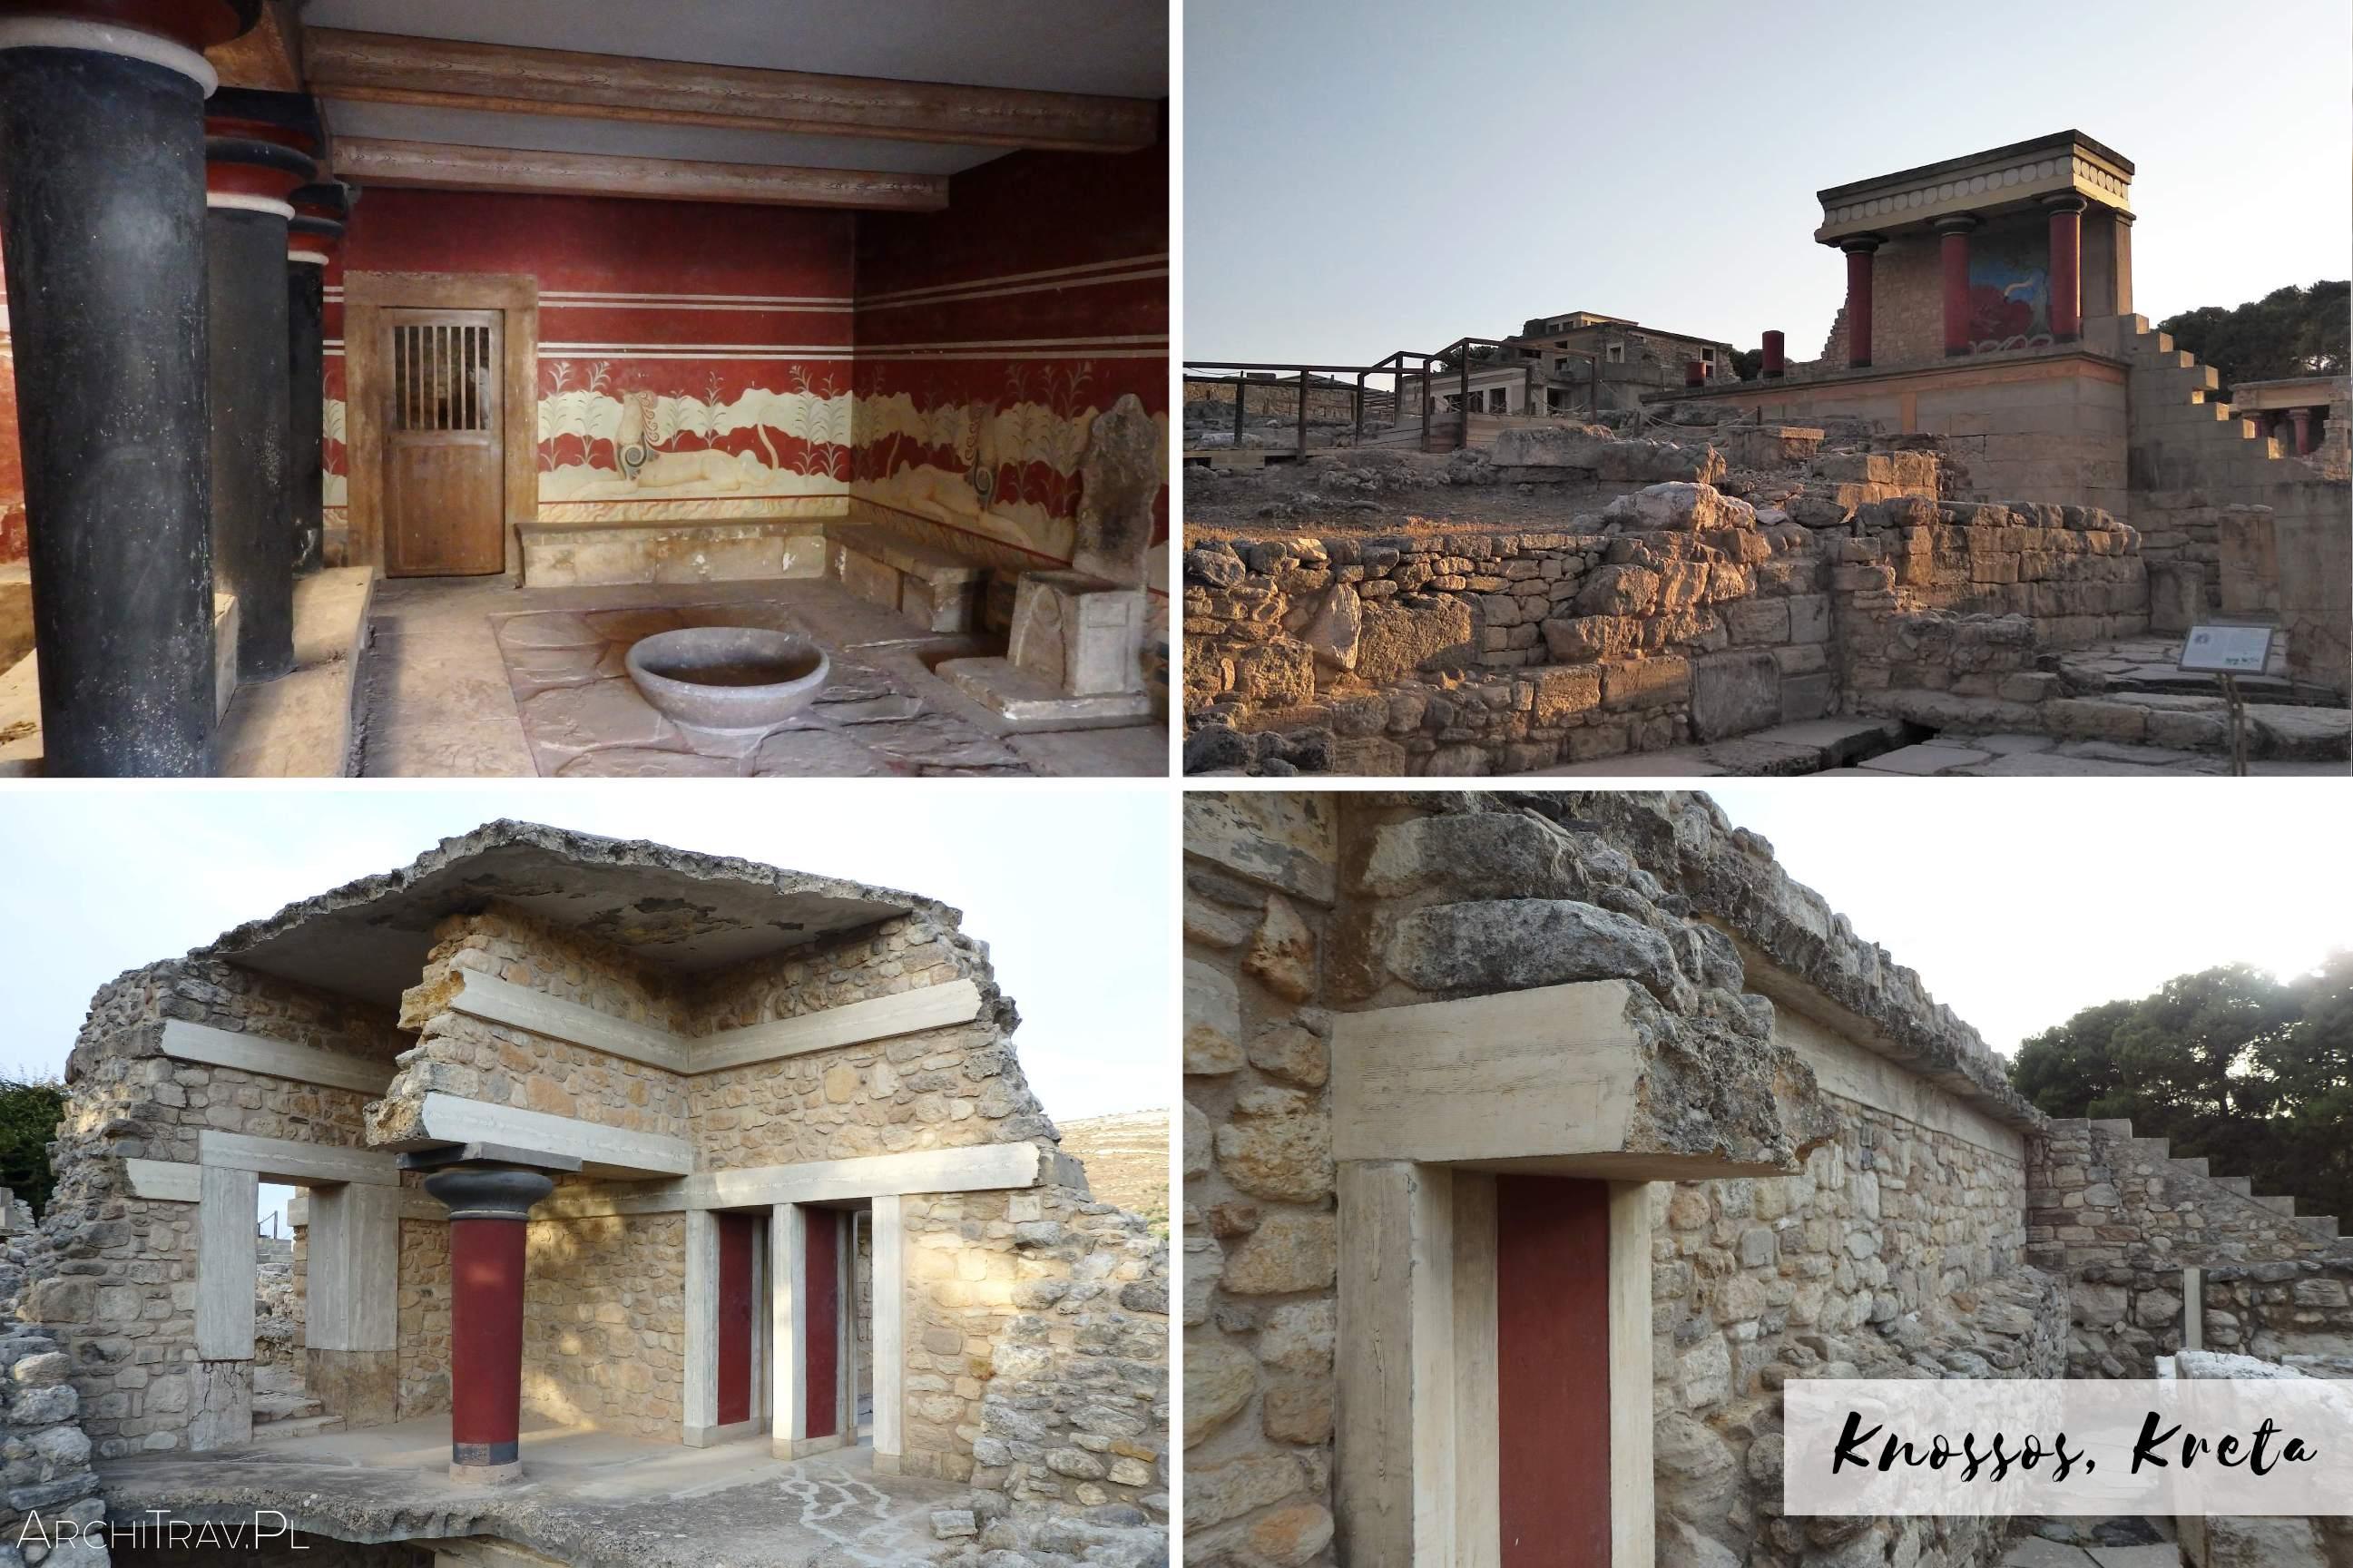 zdjecie zlozone z czterech mniejszych - palac w Knossos, sala tronowa